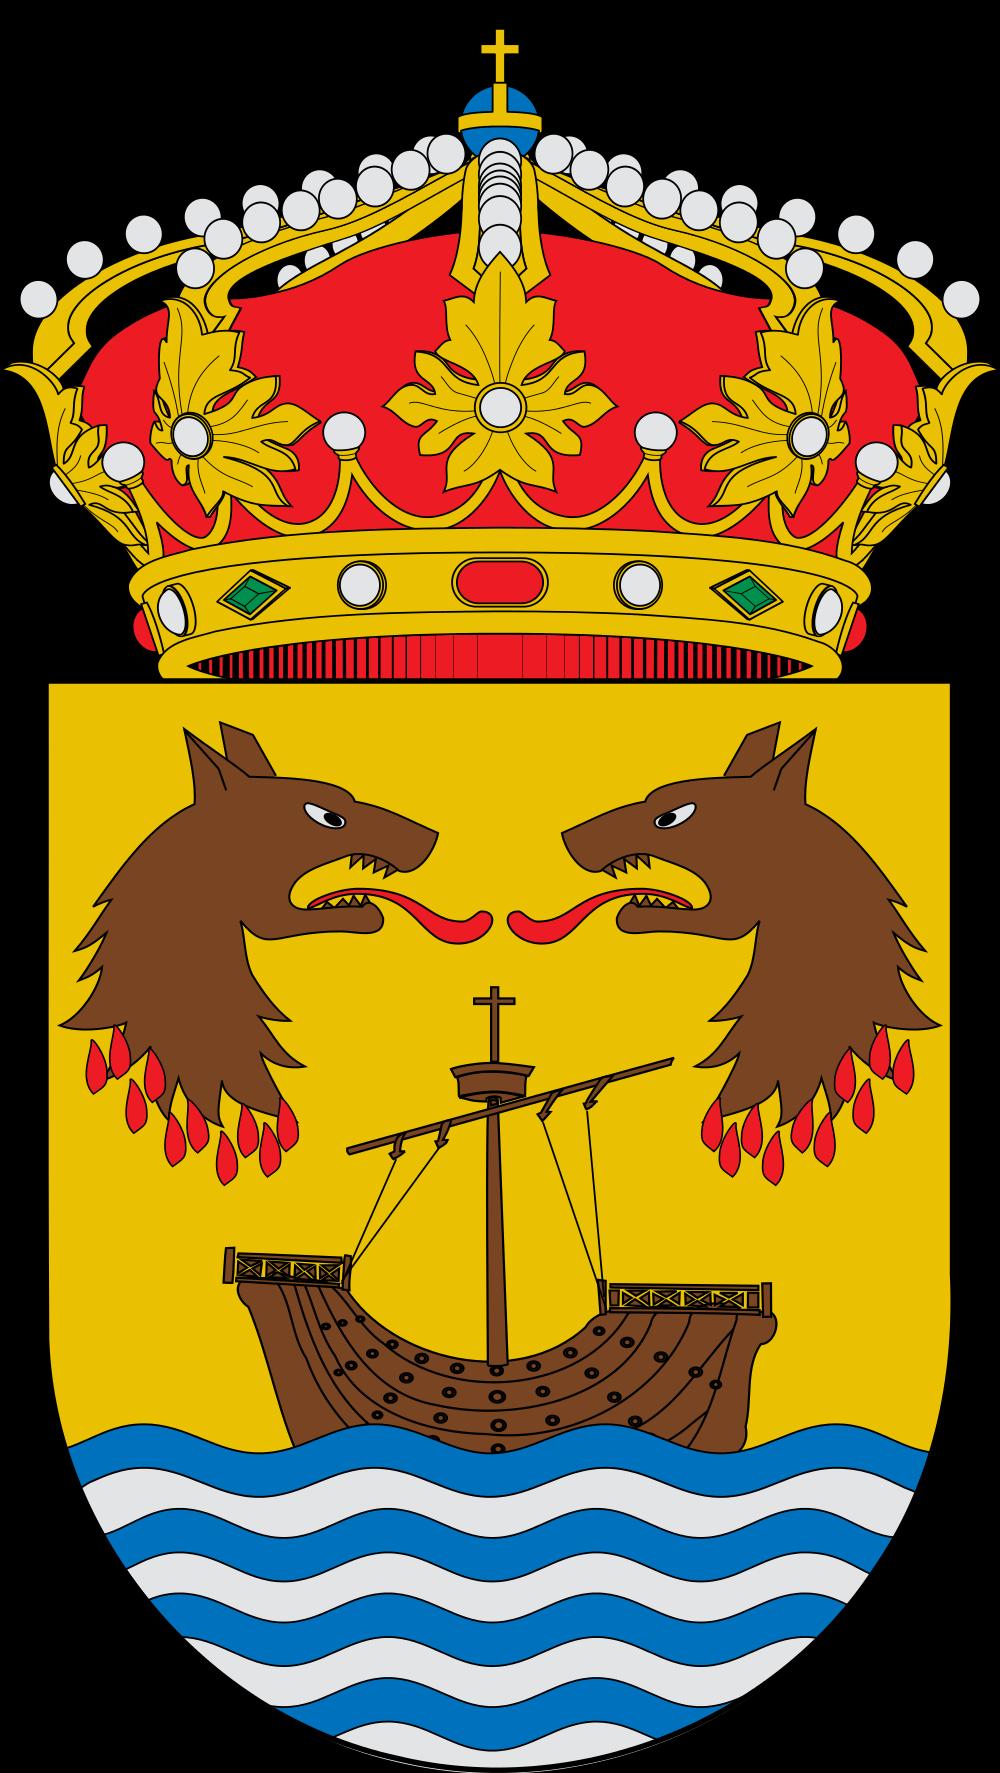 File:Escudo de Muxia.svg.